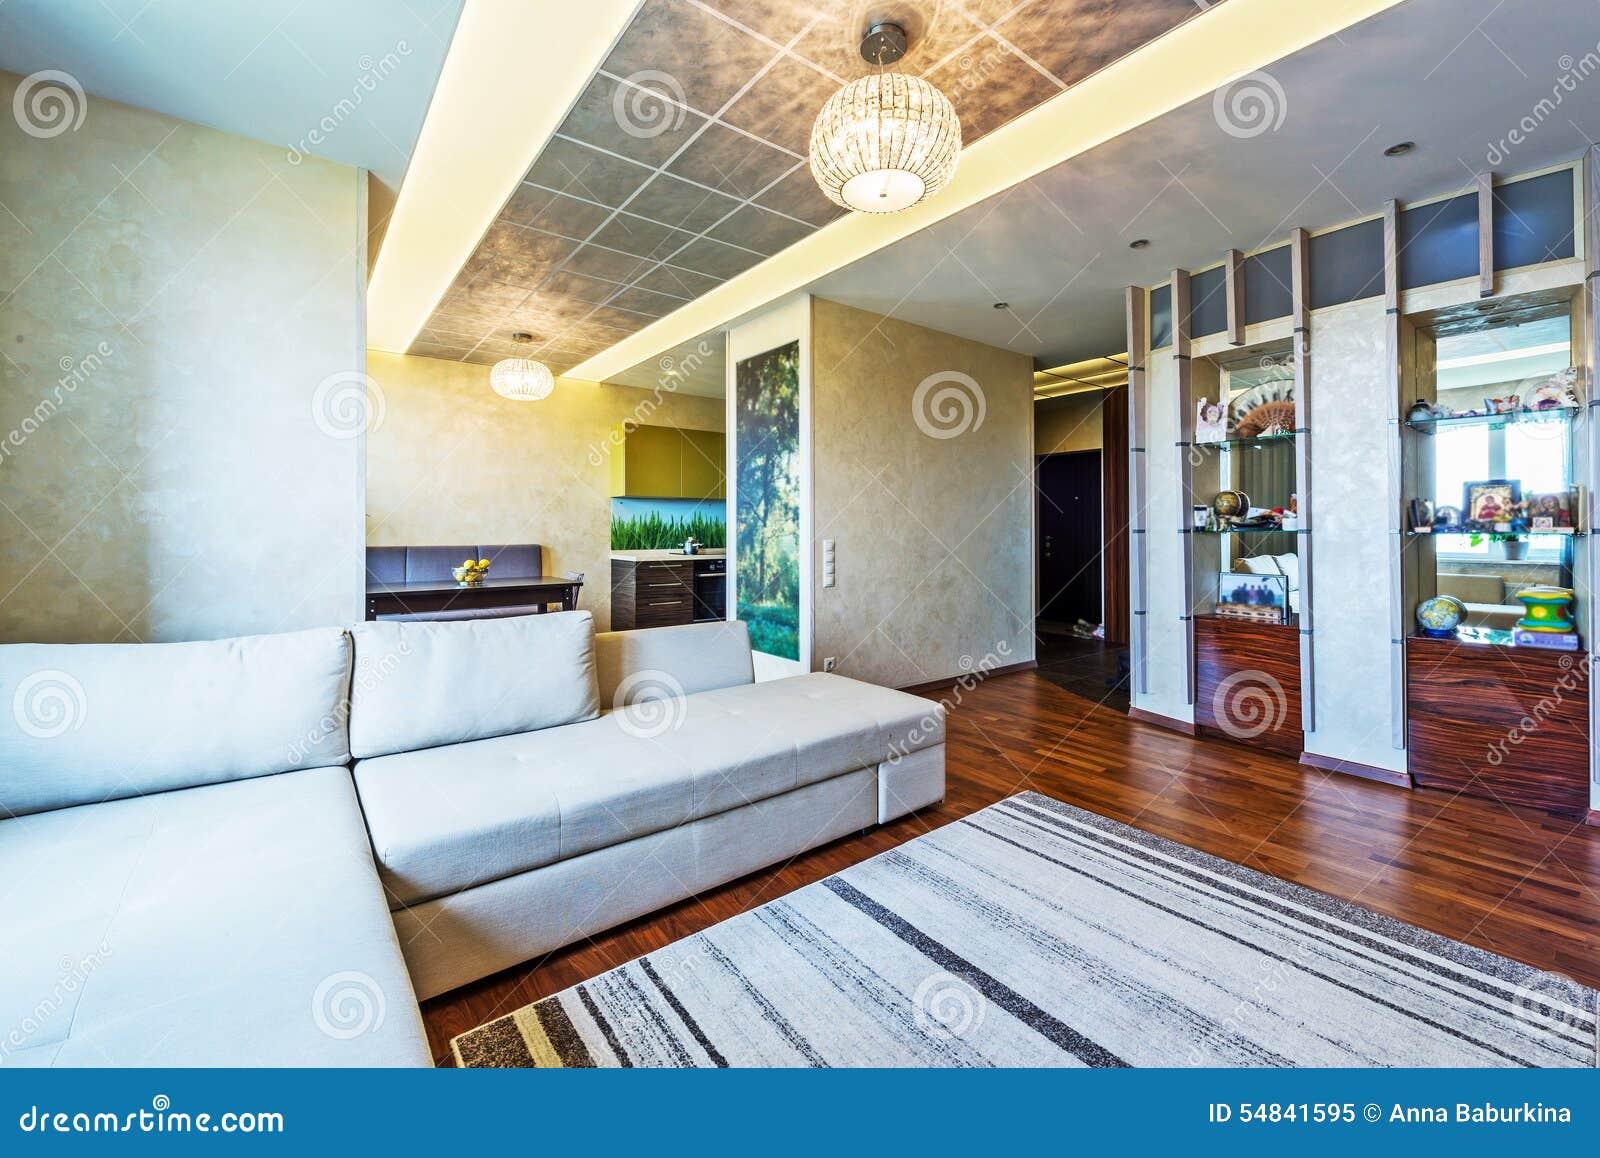 Ein Großes Modernes Wohnzimmer